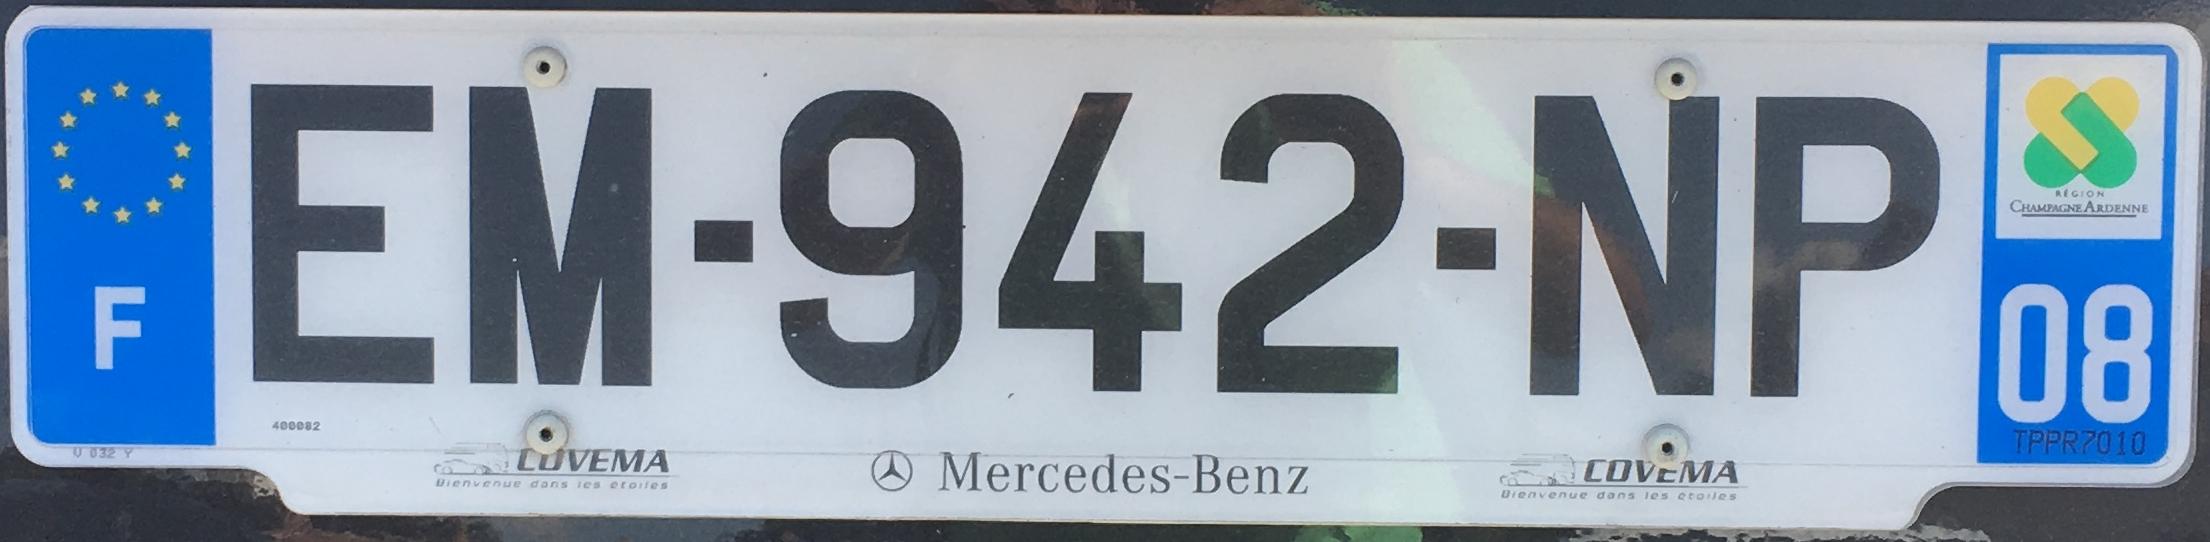 Francouzská registrační značka – 08 – Ardennes, foto: www.podalnici.cz